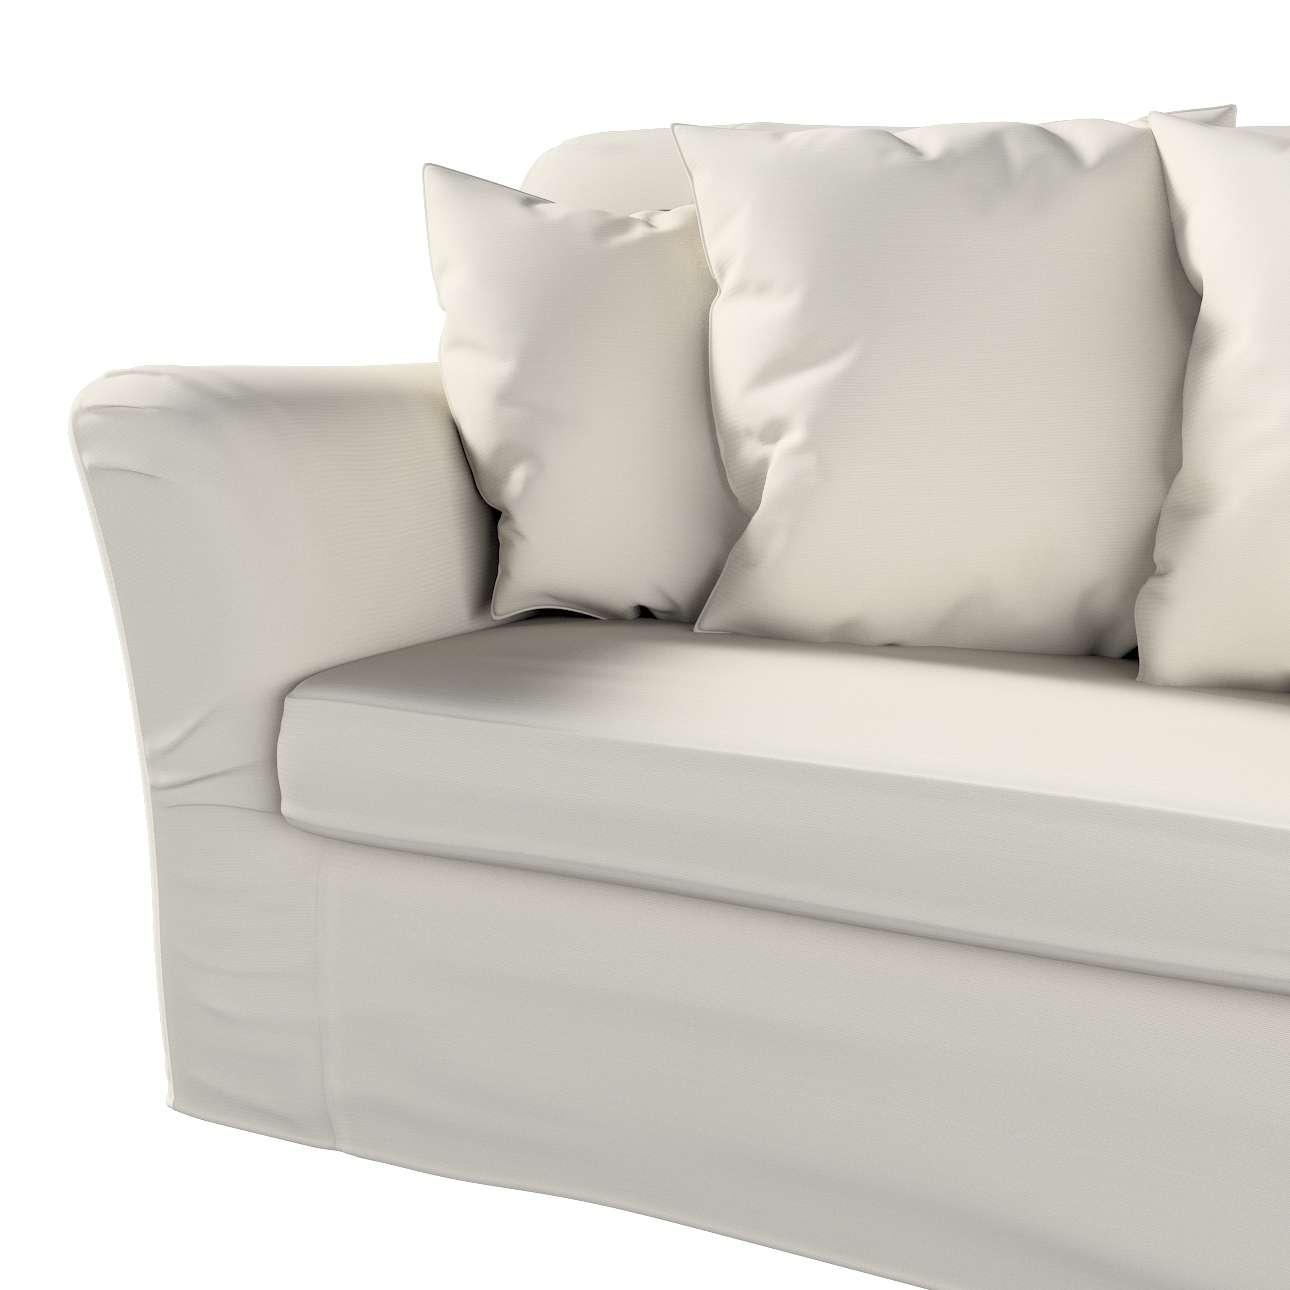 Pokrowiec na sofę Tomelilla 3-osobową rozkładaną w kolekcji Cotton Panama, tkanina: 702-31